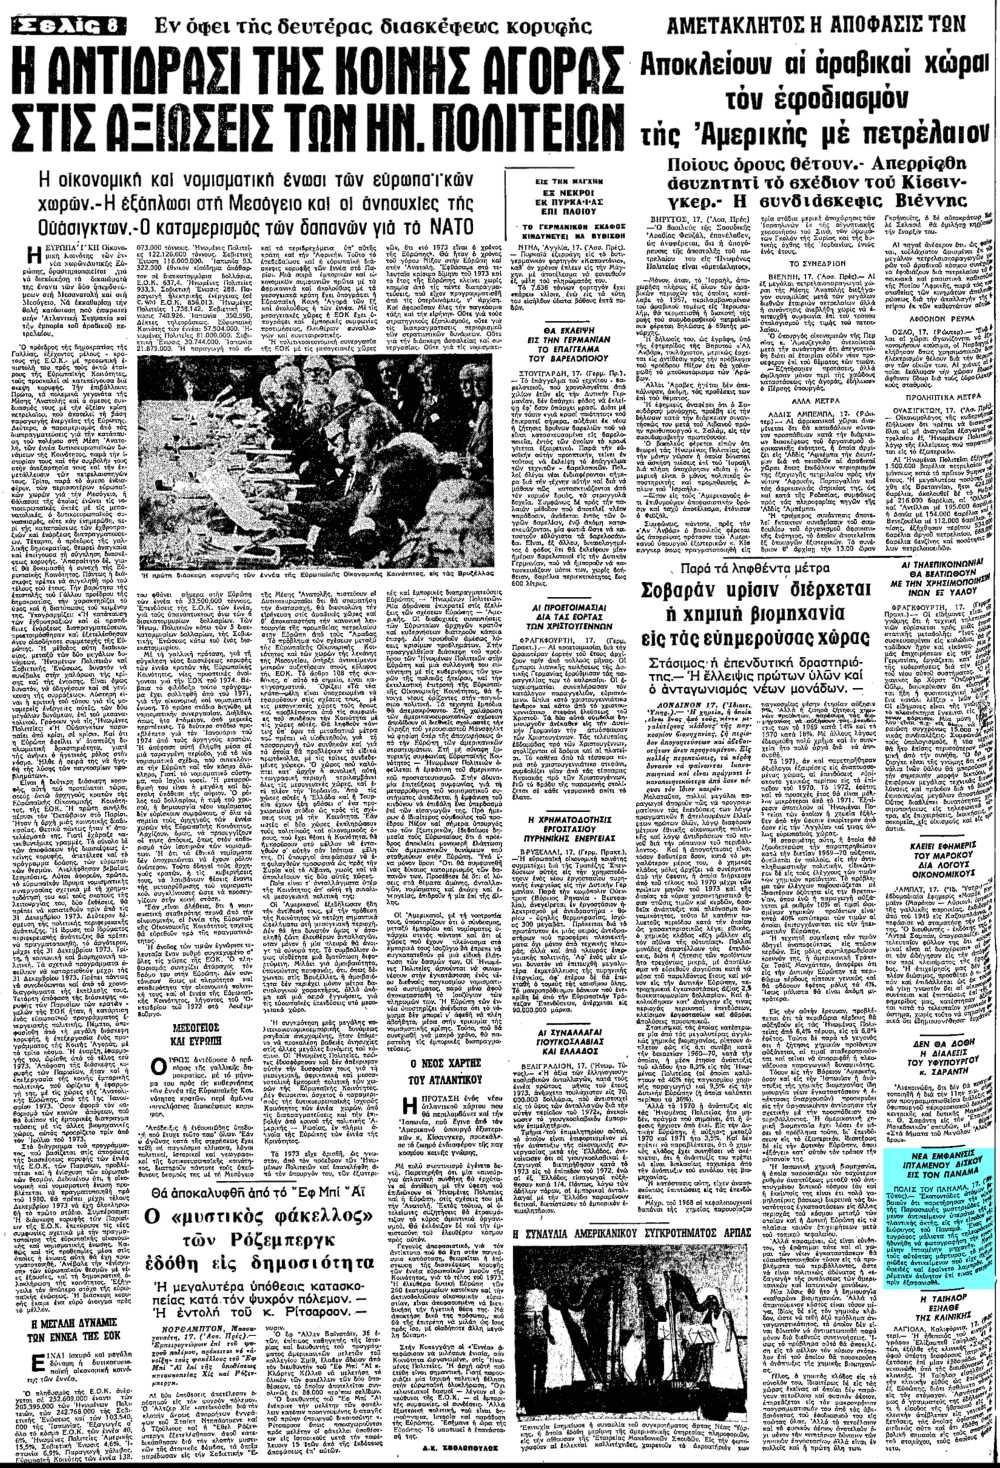 """Το άρθρο, όπως δημοσιεύθηκε στην εφημερίδα """"ΜΑΚΕΔΟΝΙΑ"""", στις 18/11/1973"""